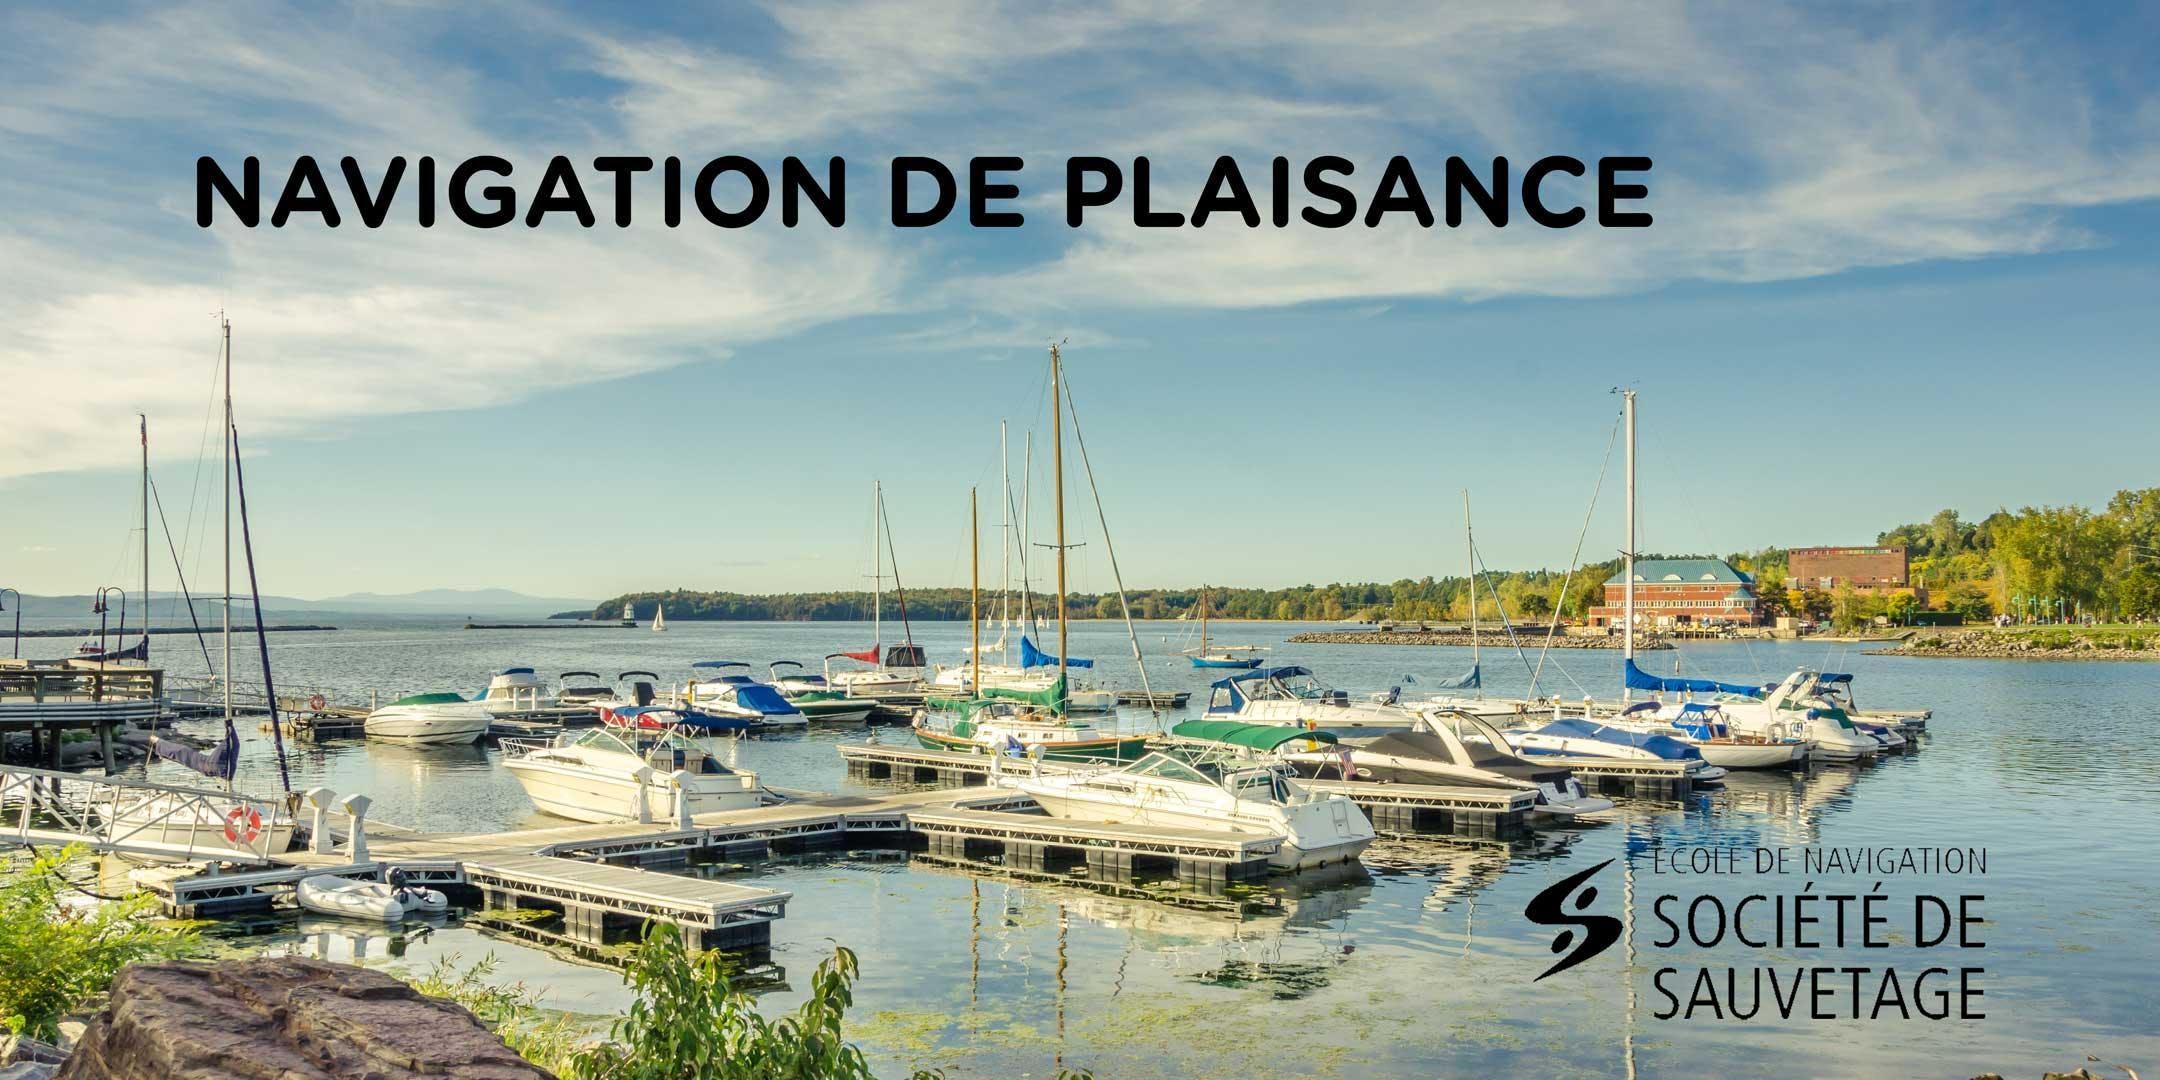 Navigation de plaisance/Laval-33 h (19-03)